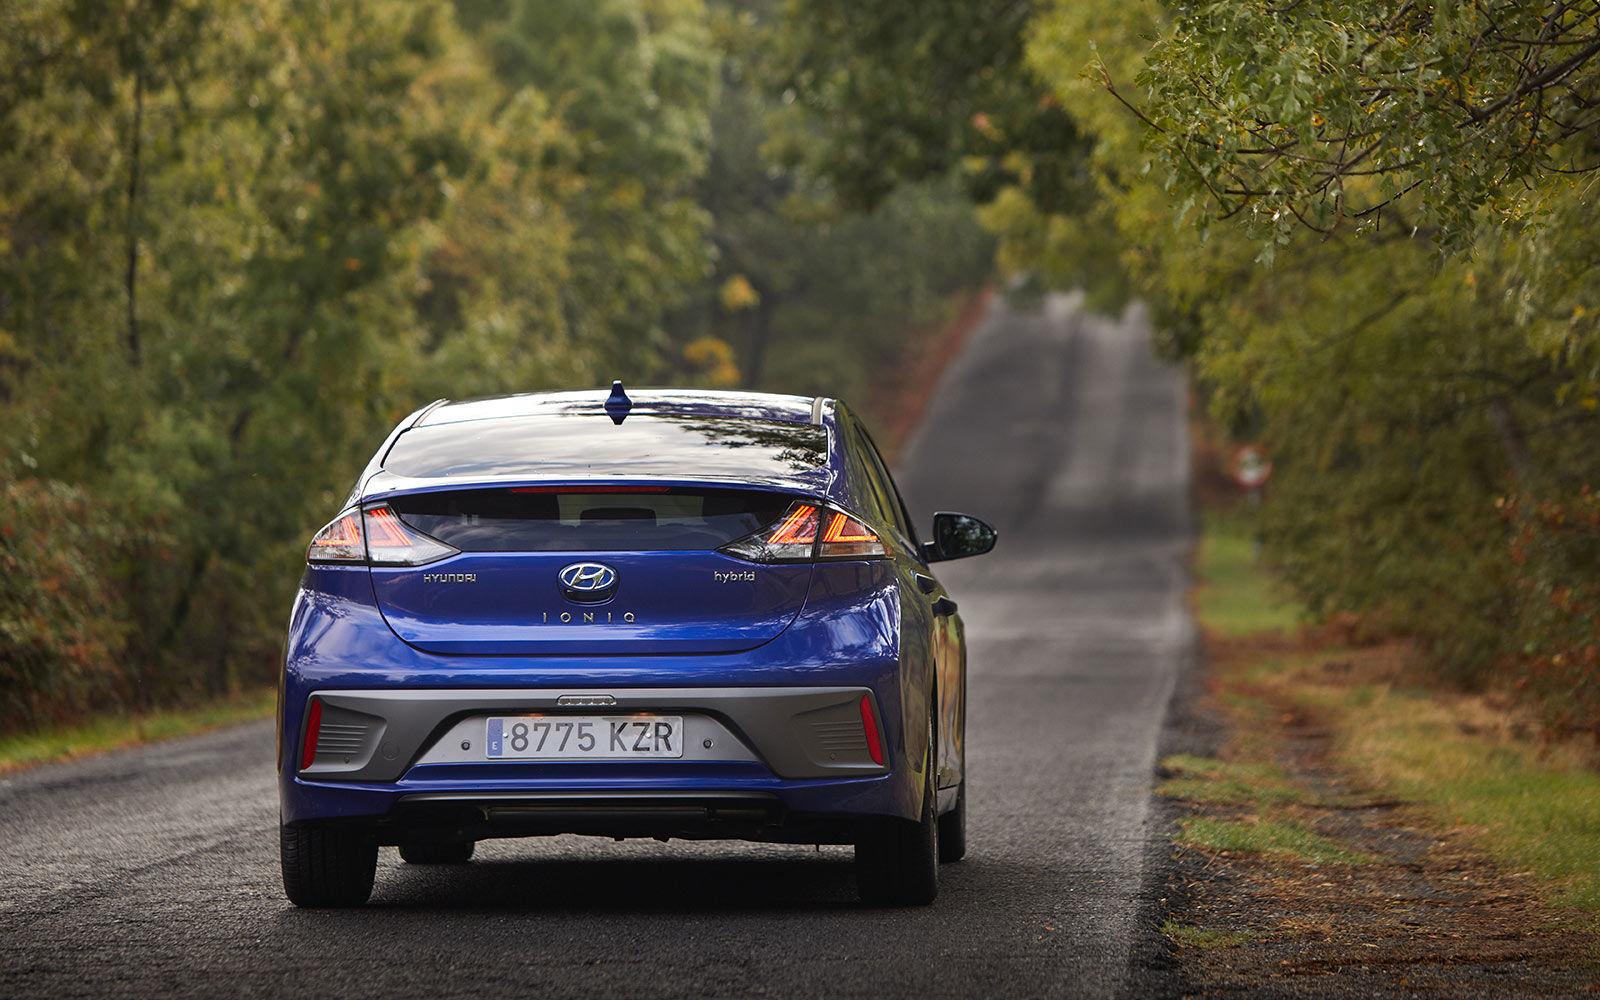 Hyundai Ioniq Hibrido Oferta Agosto 2020 02